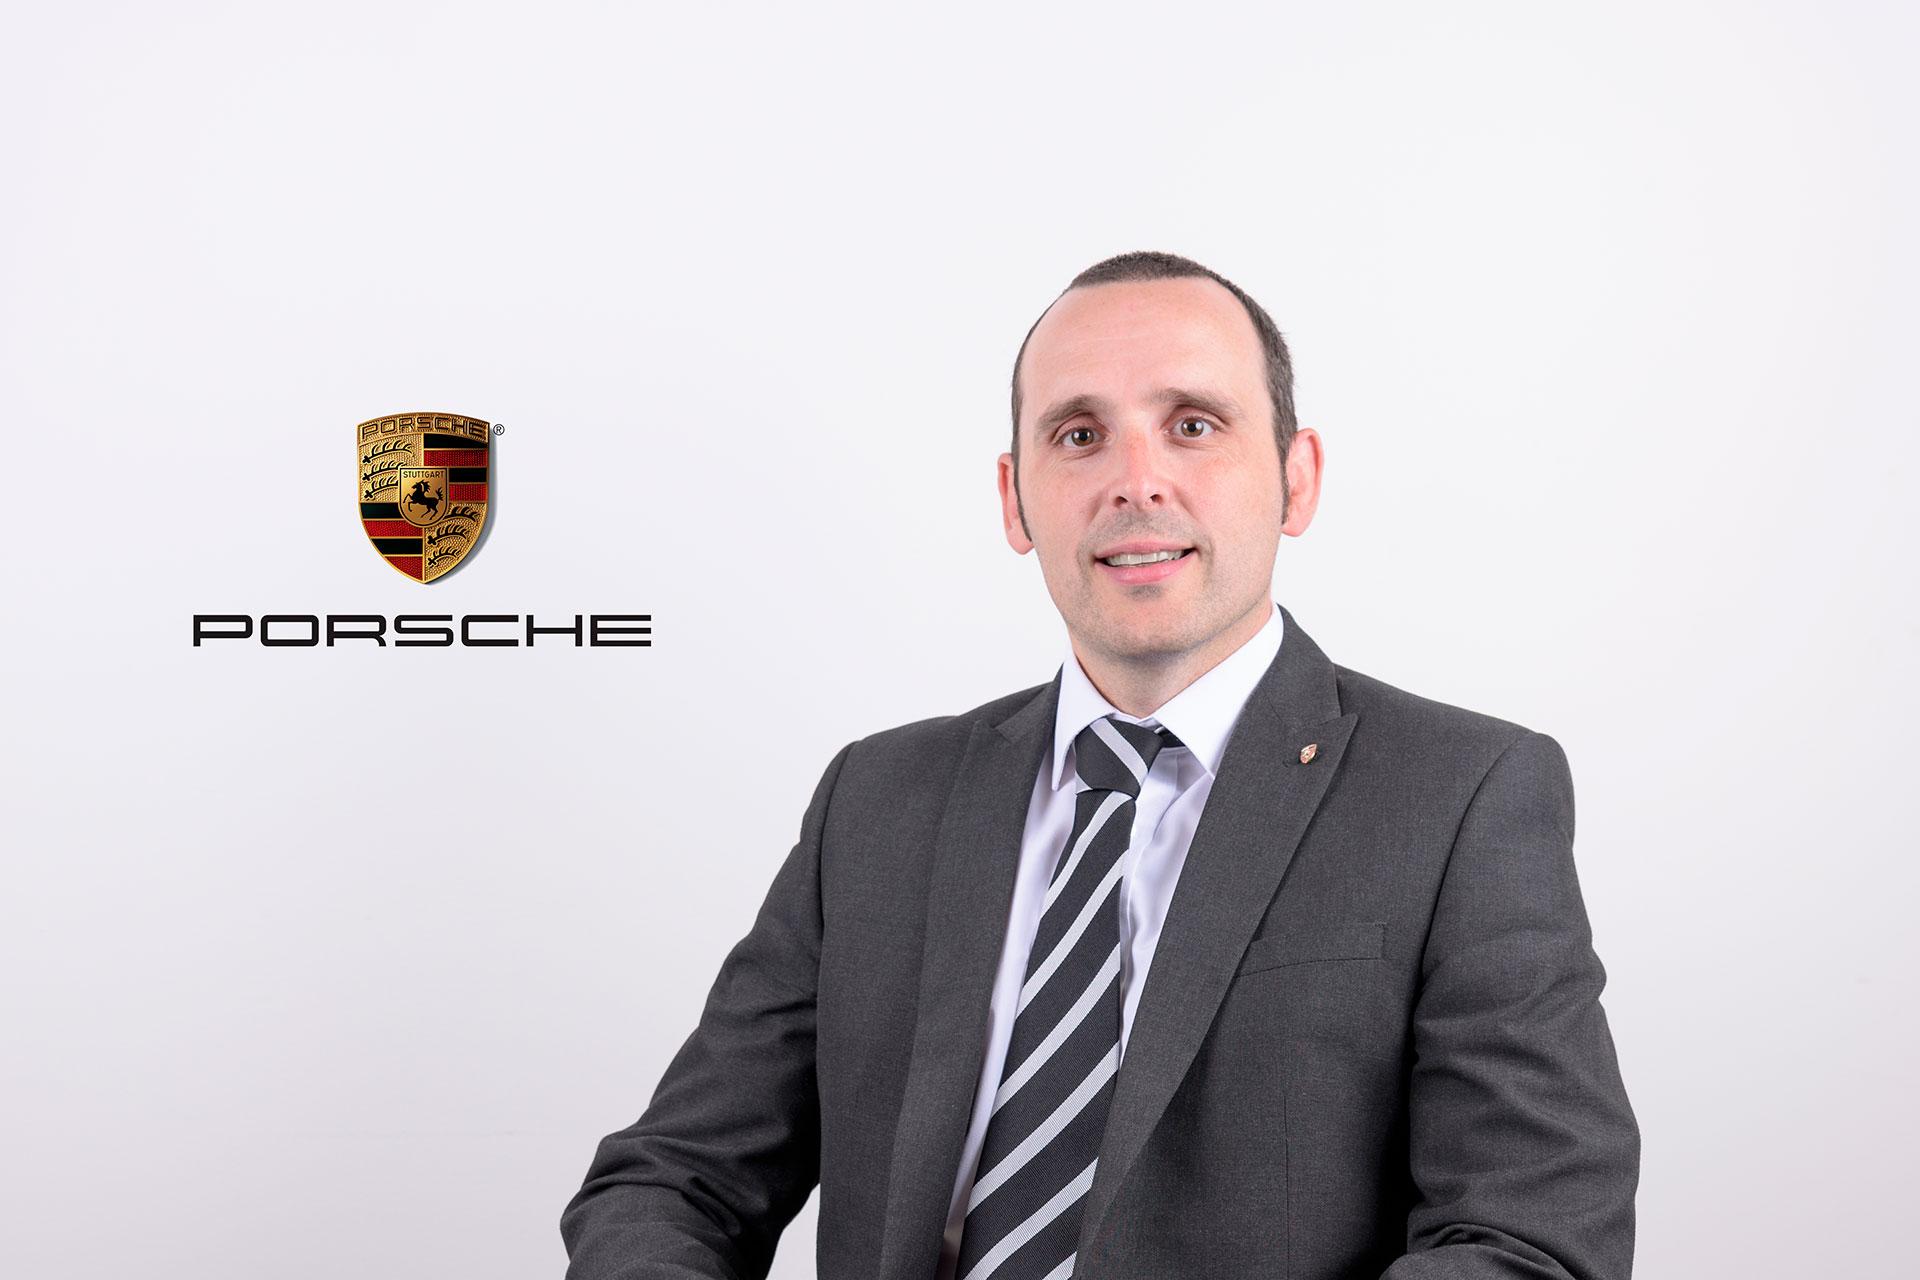 Porsche Centre Leeds Portrait Photography IDEA Design Photographer Sheffield